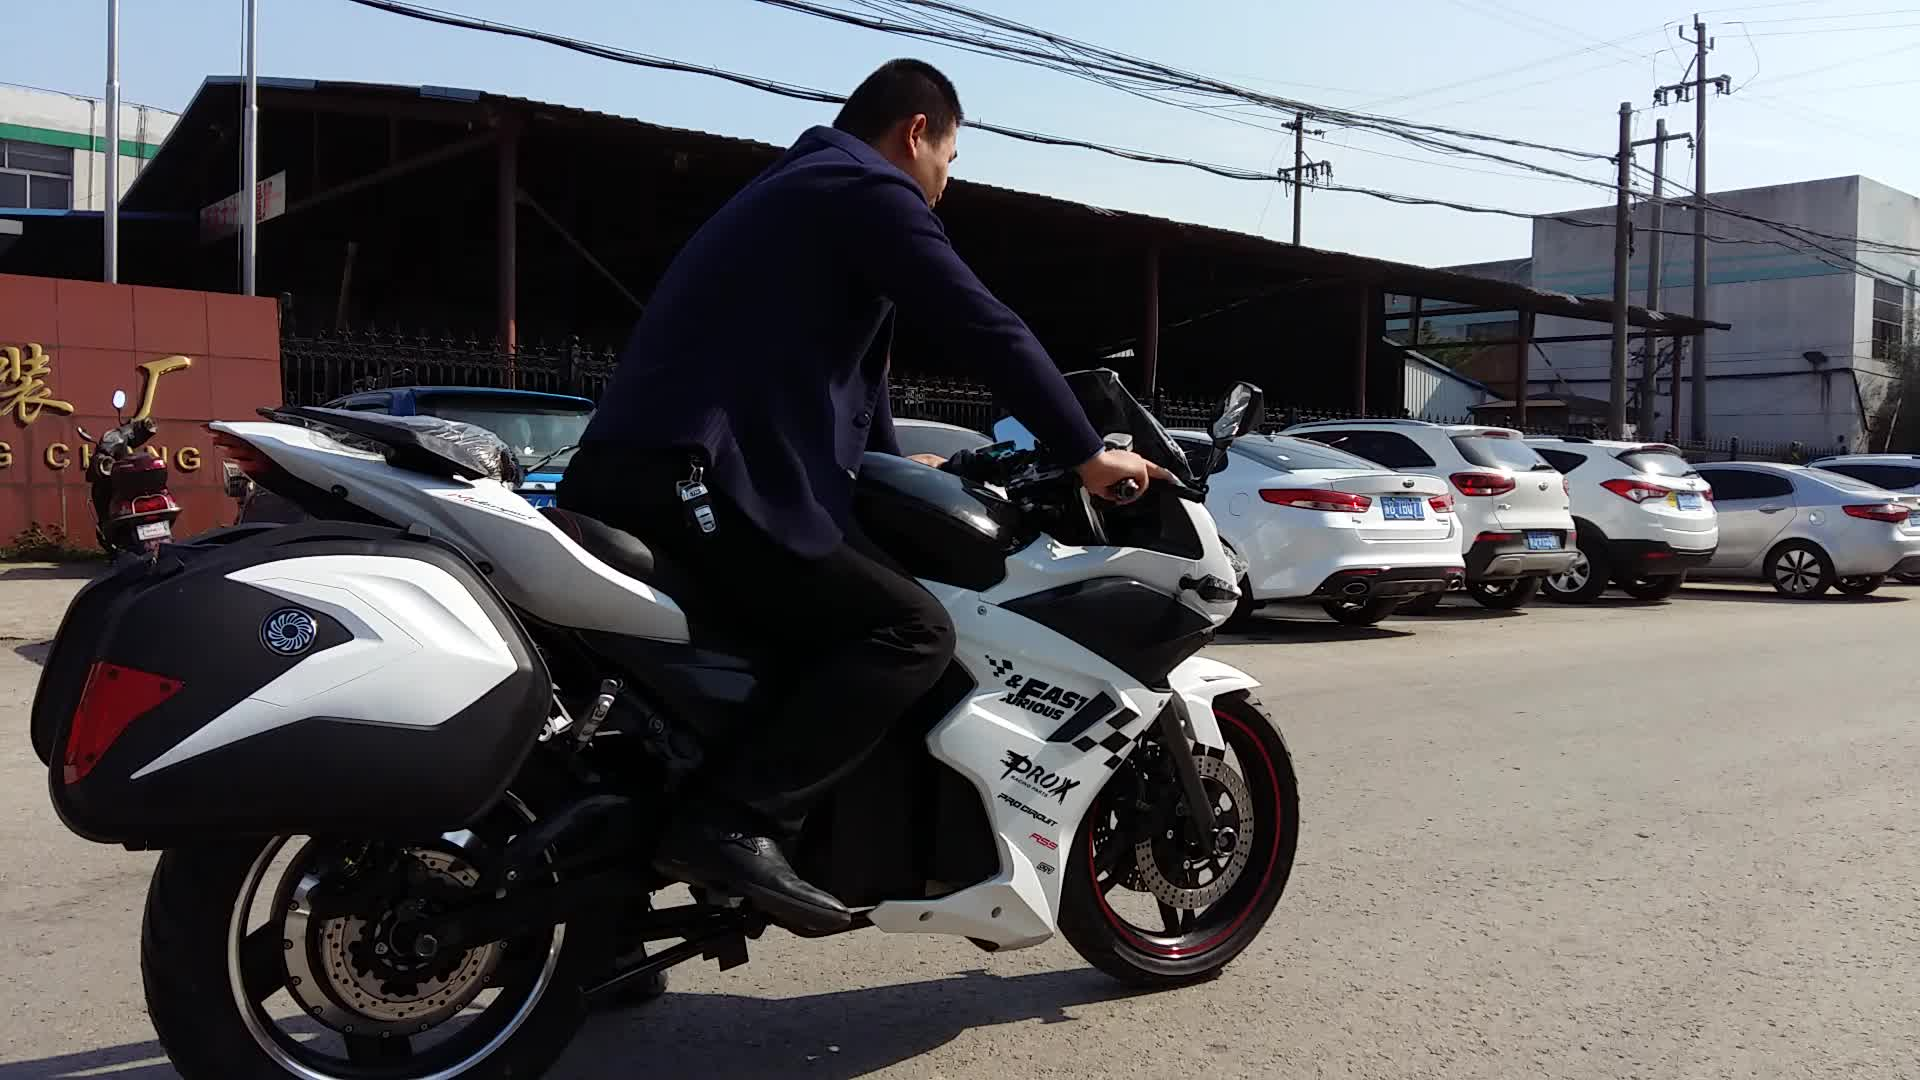 3000วัตต์/5000วัตต์หนักรถจักรยานยนต์ไฟฟ้ากับอานกระเป๋า